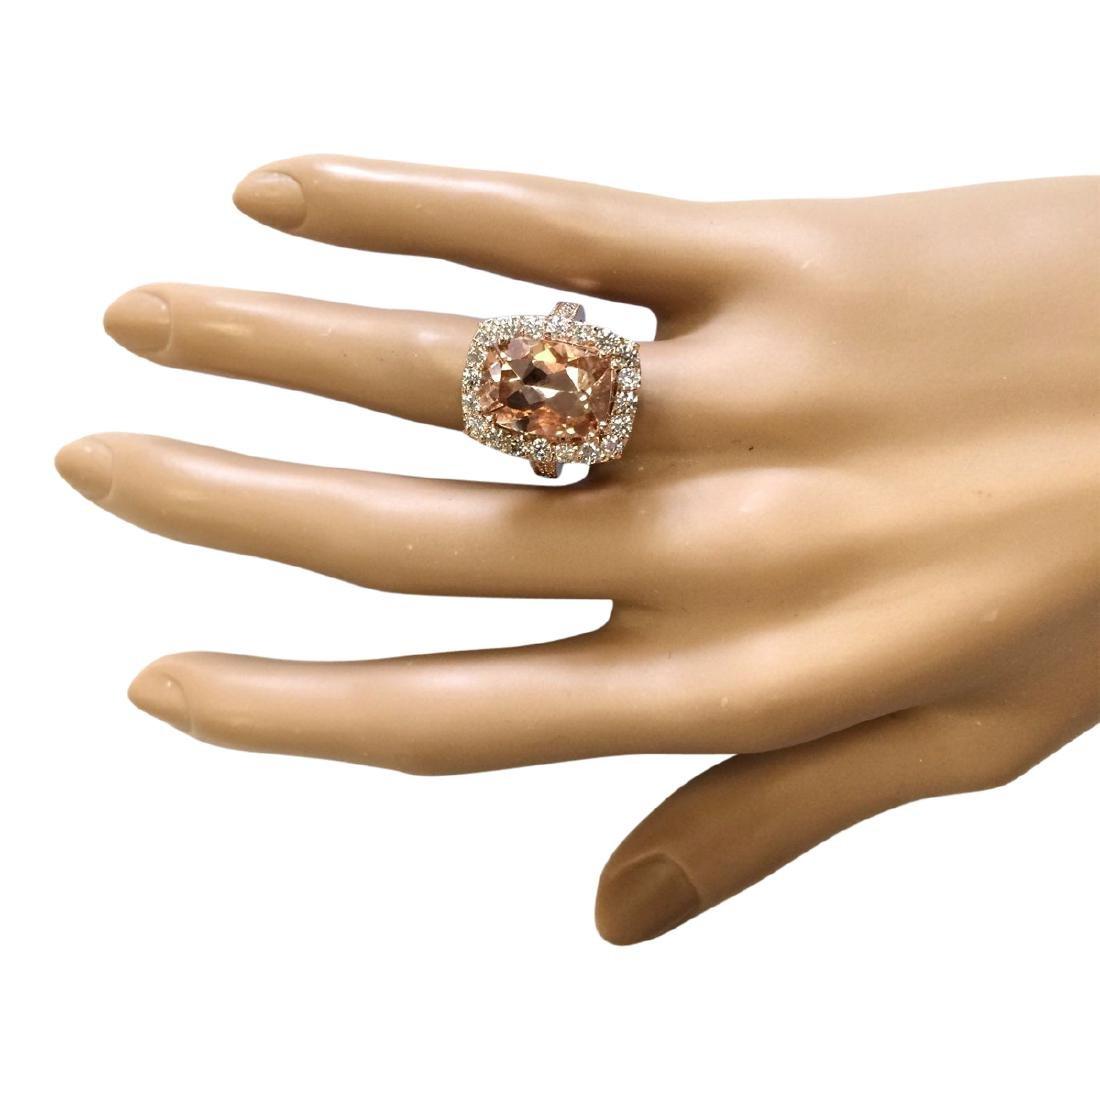 8.31 CTW Natural Morganite And Diamond Ring In 18K Rose - 4